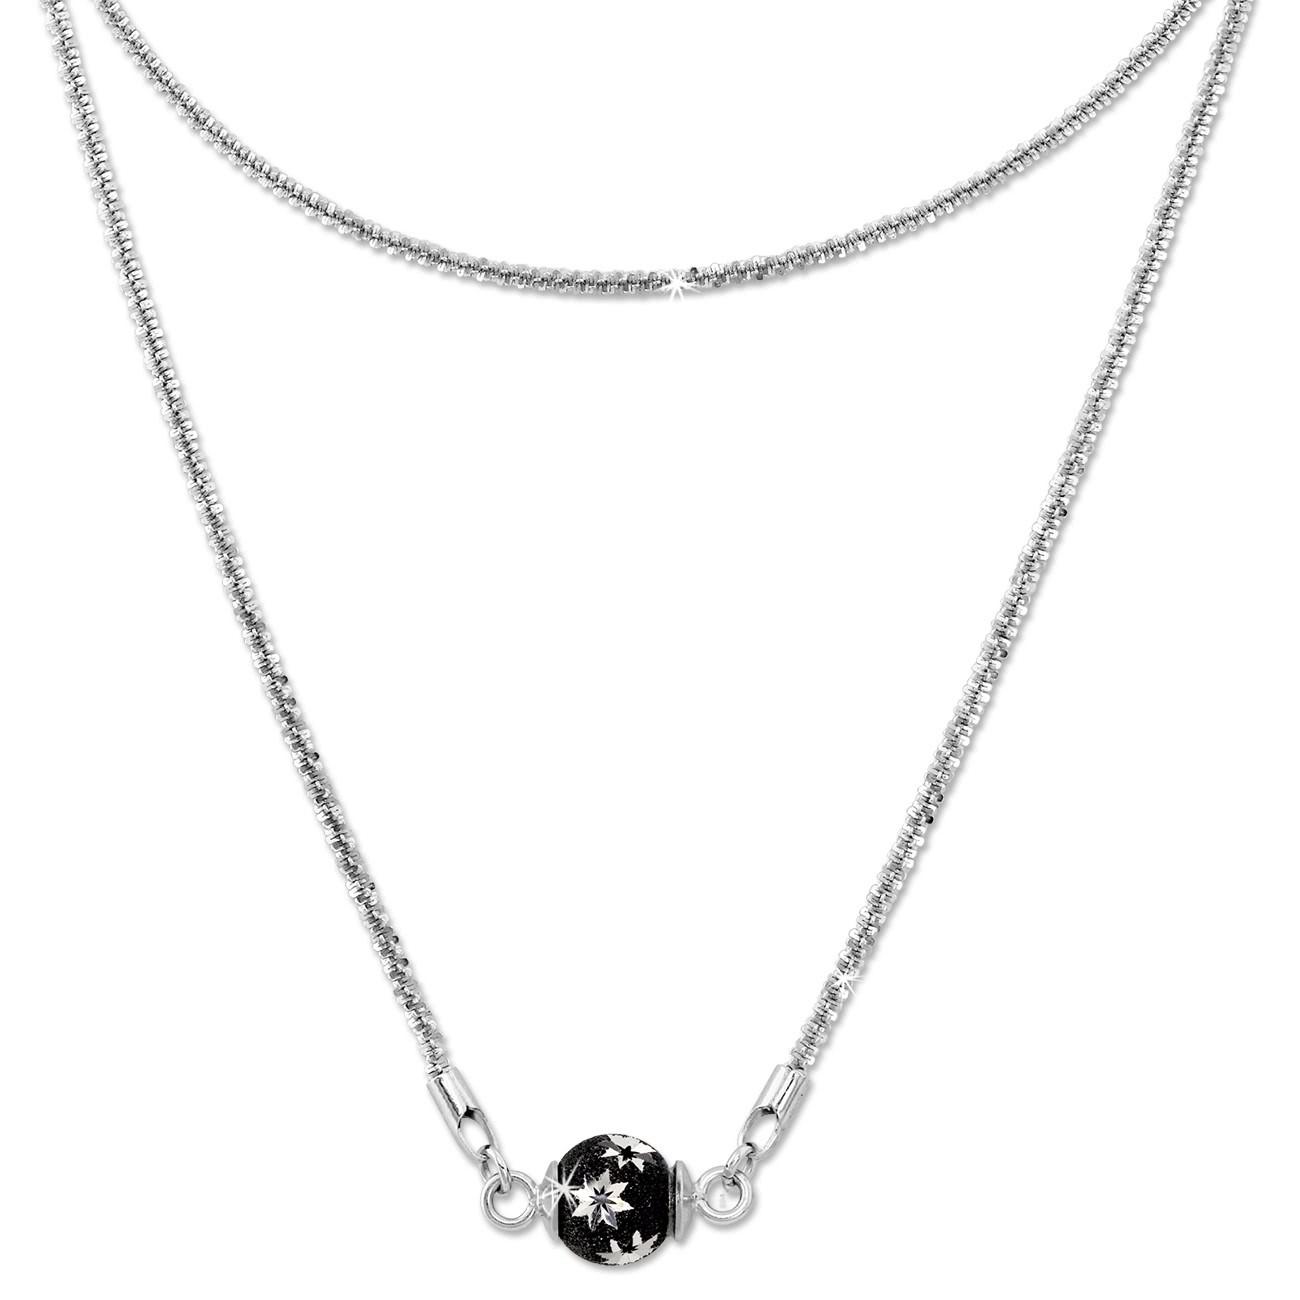 SilberDream Collier Kette Kugel Stern schwarz 925 Silber Damen 45cm SDK23945S